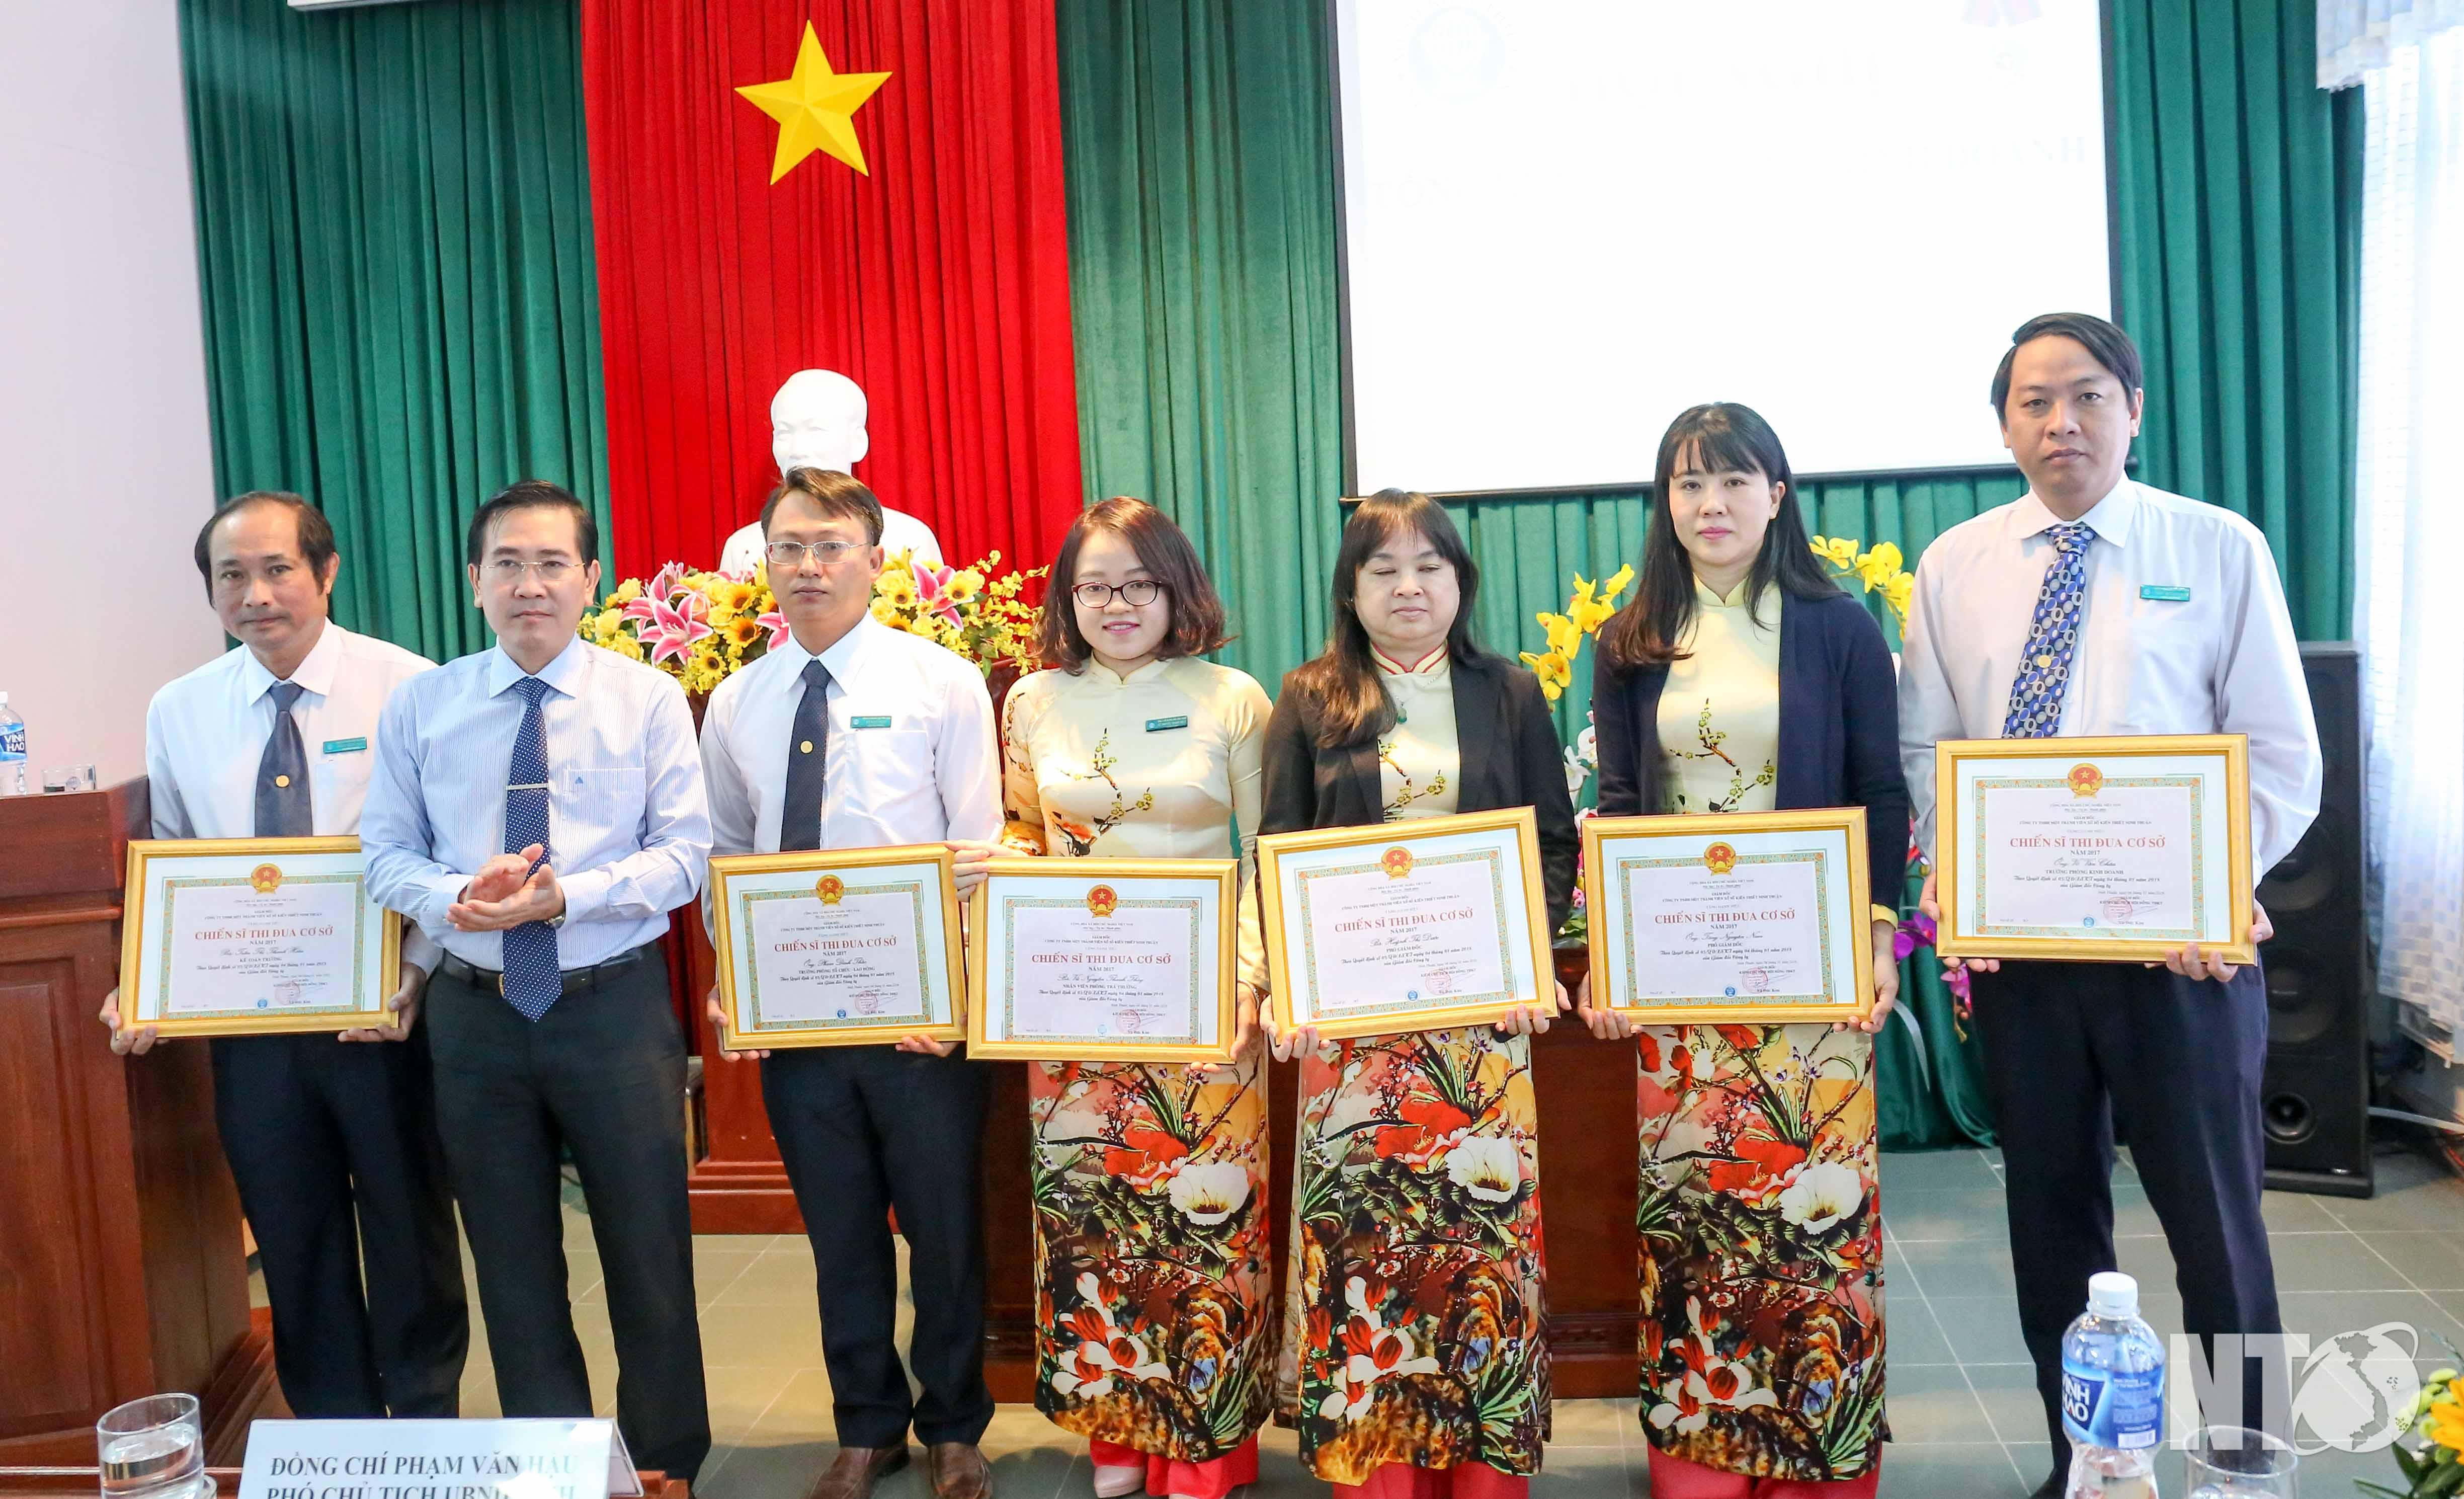 XSBT - Xo So Binh Thuan, Kết Quả Xổ Số Bình Thuận